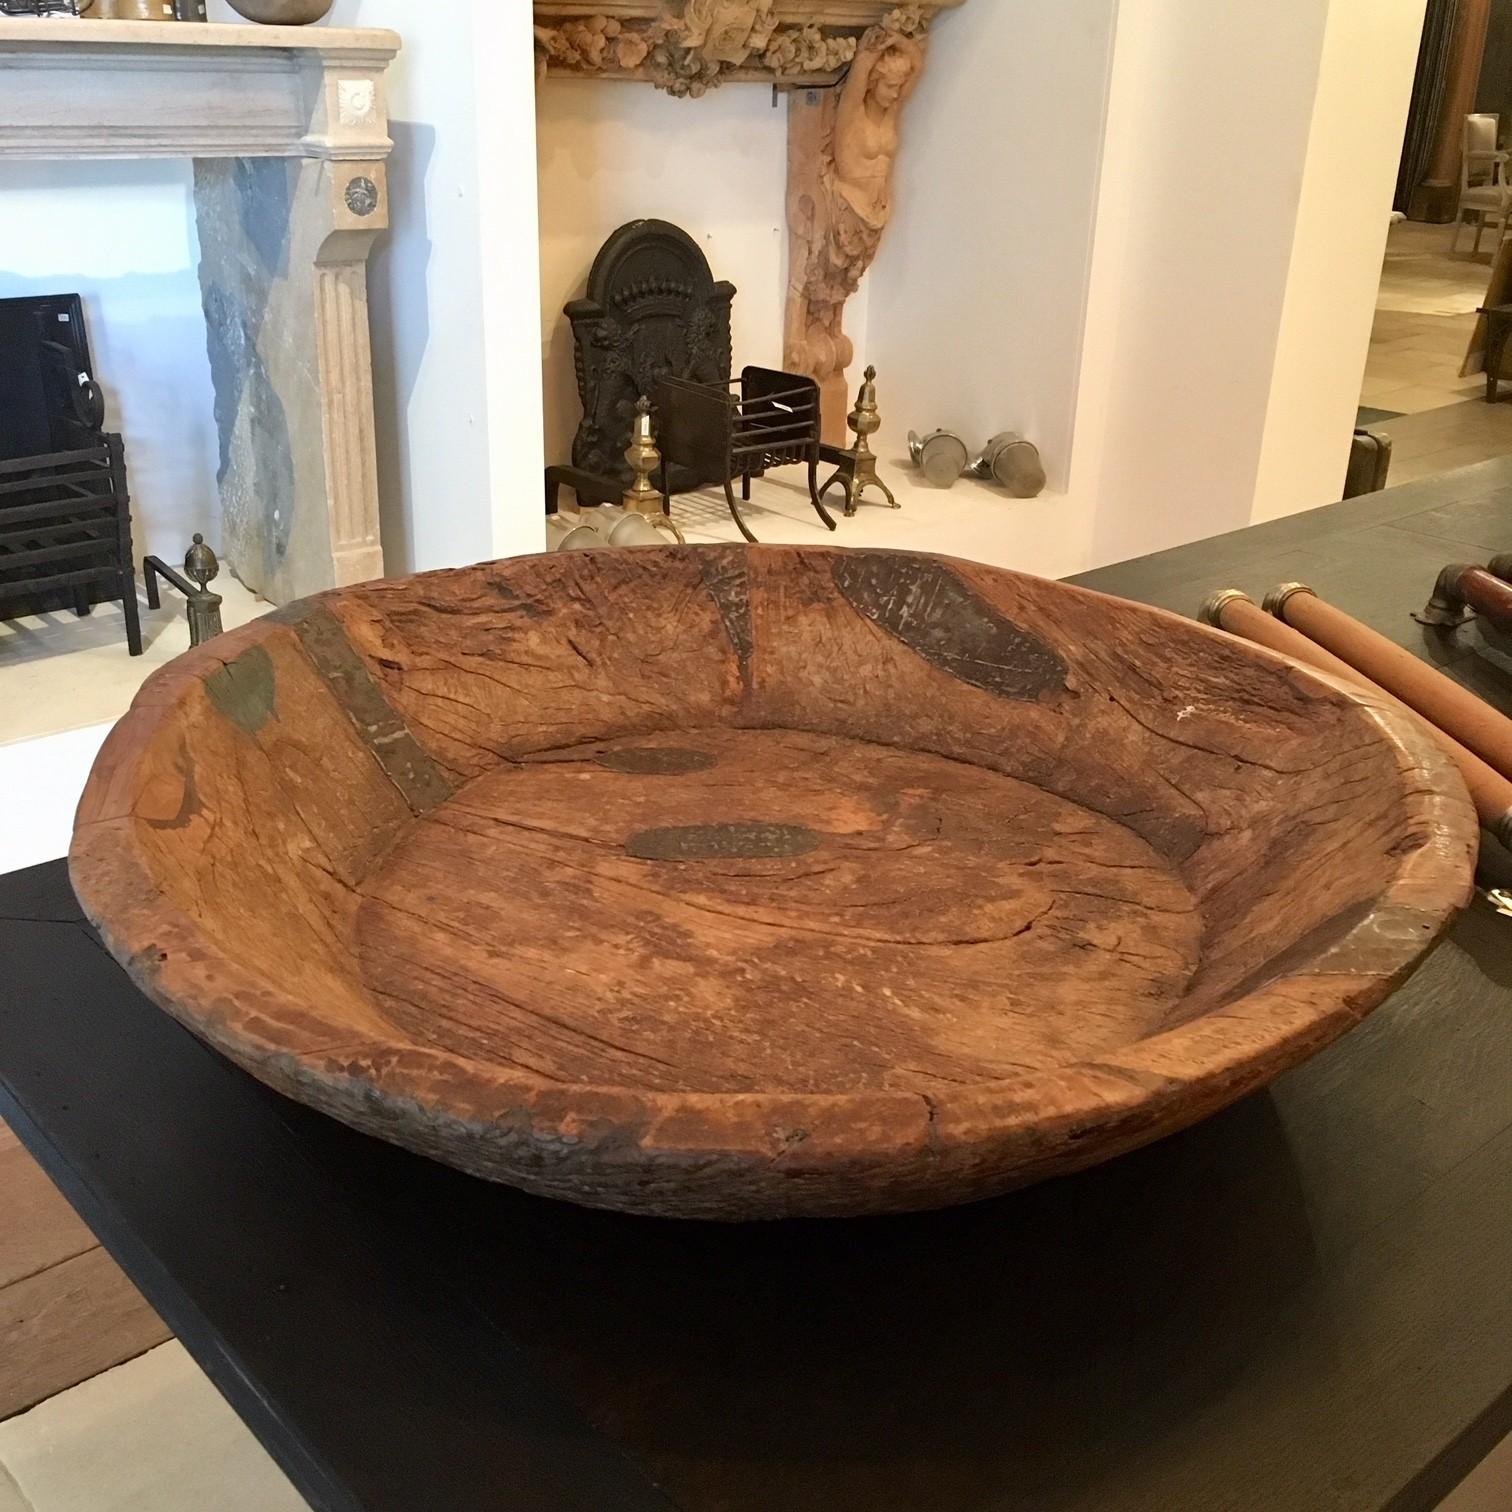 Sehr große alte robuste Holzschale aus einem Baumstamm